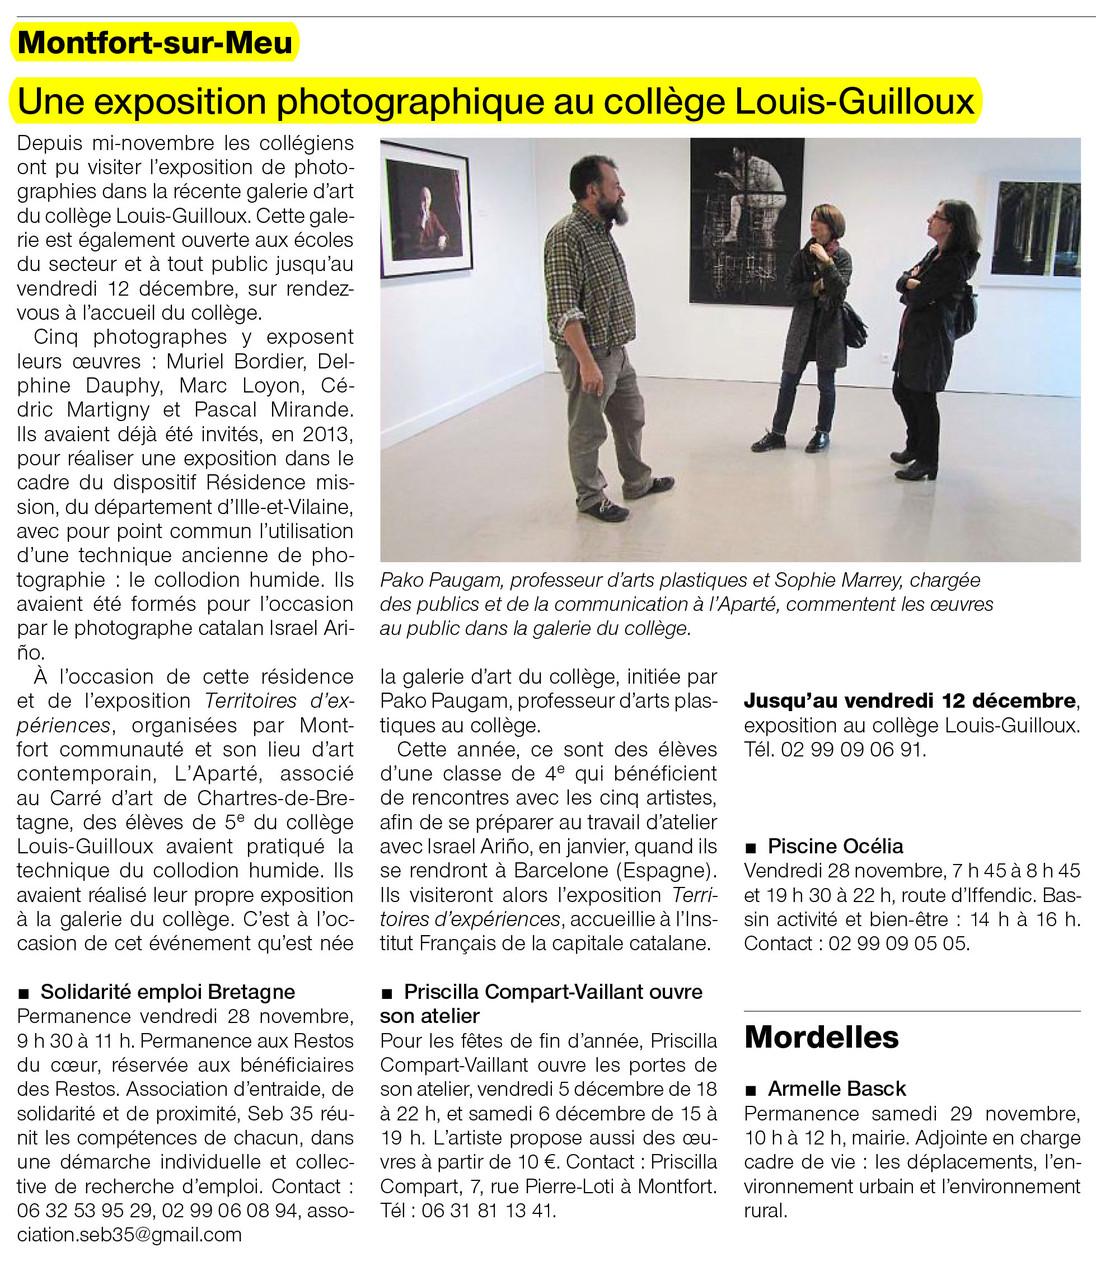 Ouest-France - 28 novembre 2014